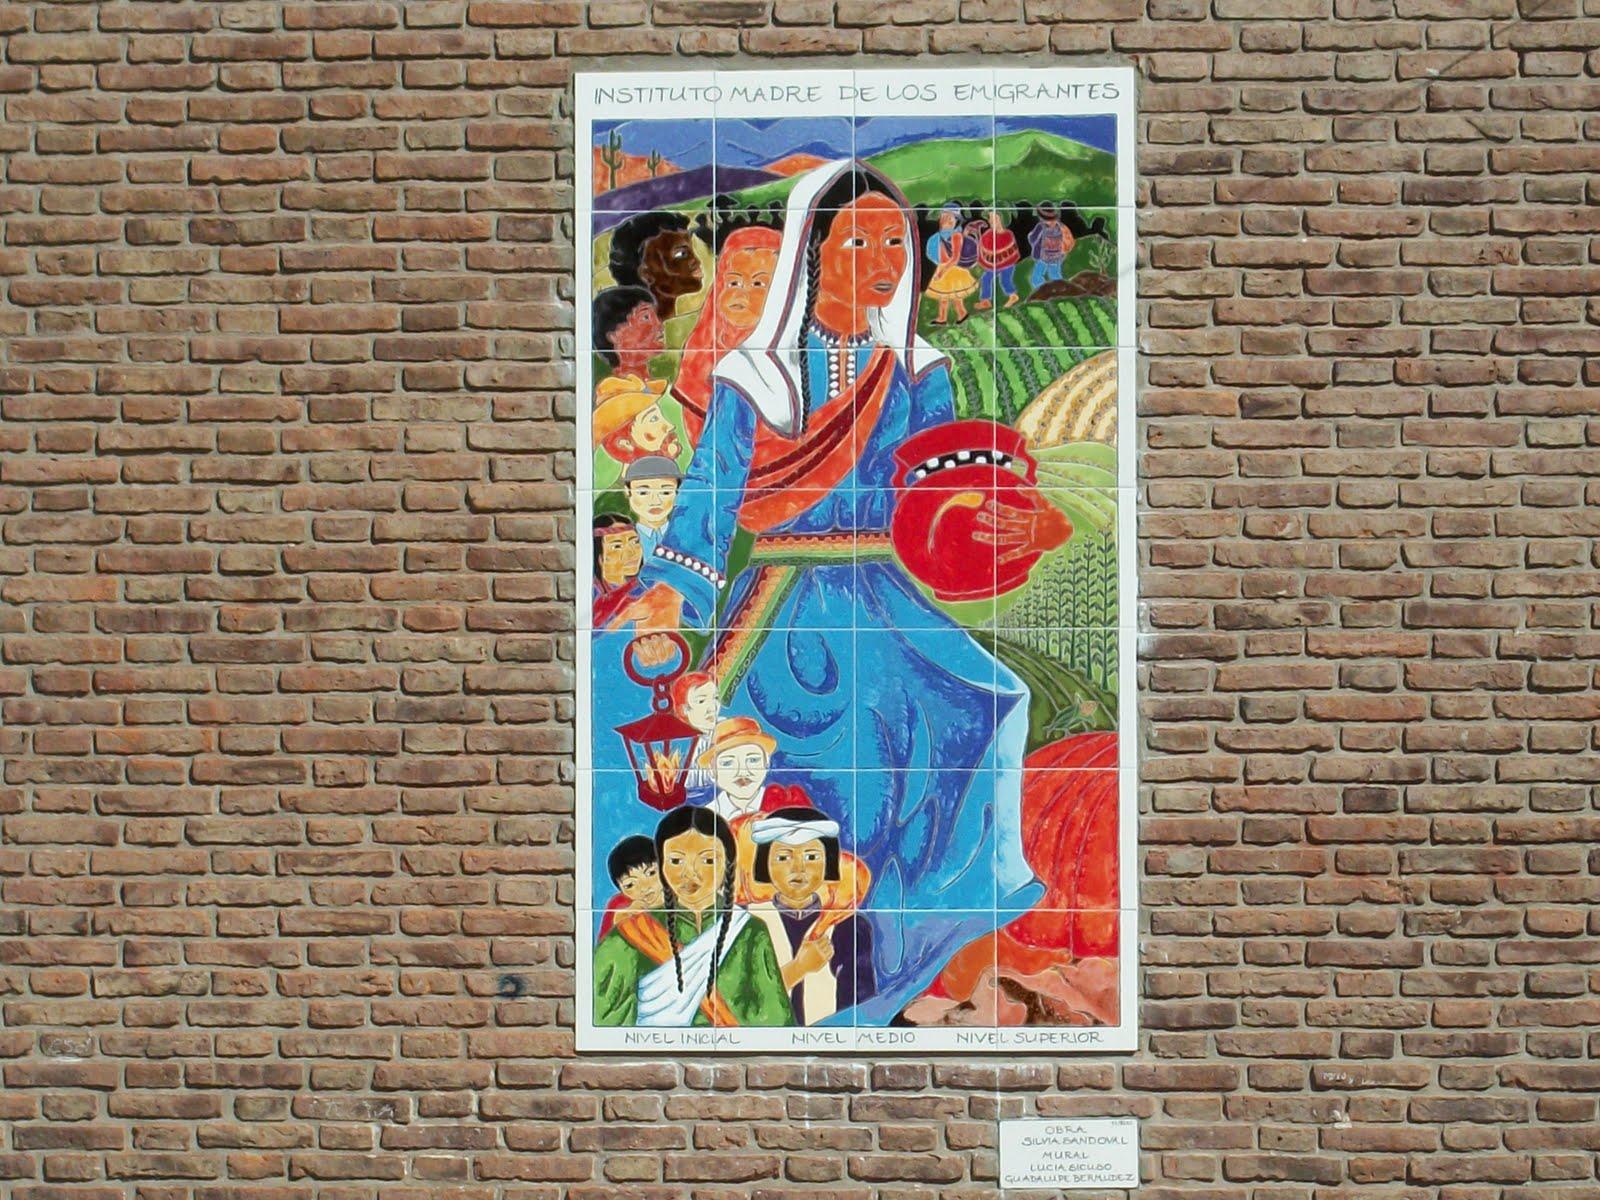 Santuario madre de los emigrantes madre de los migrantes for Mural de la casa del migrante